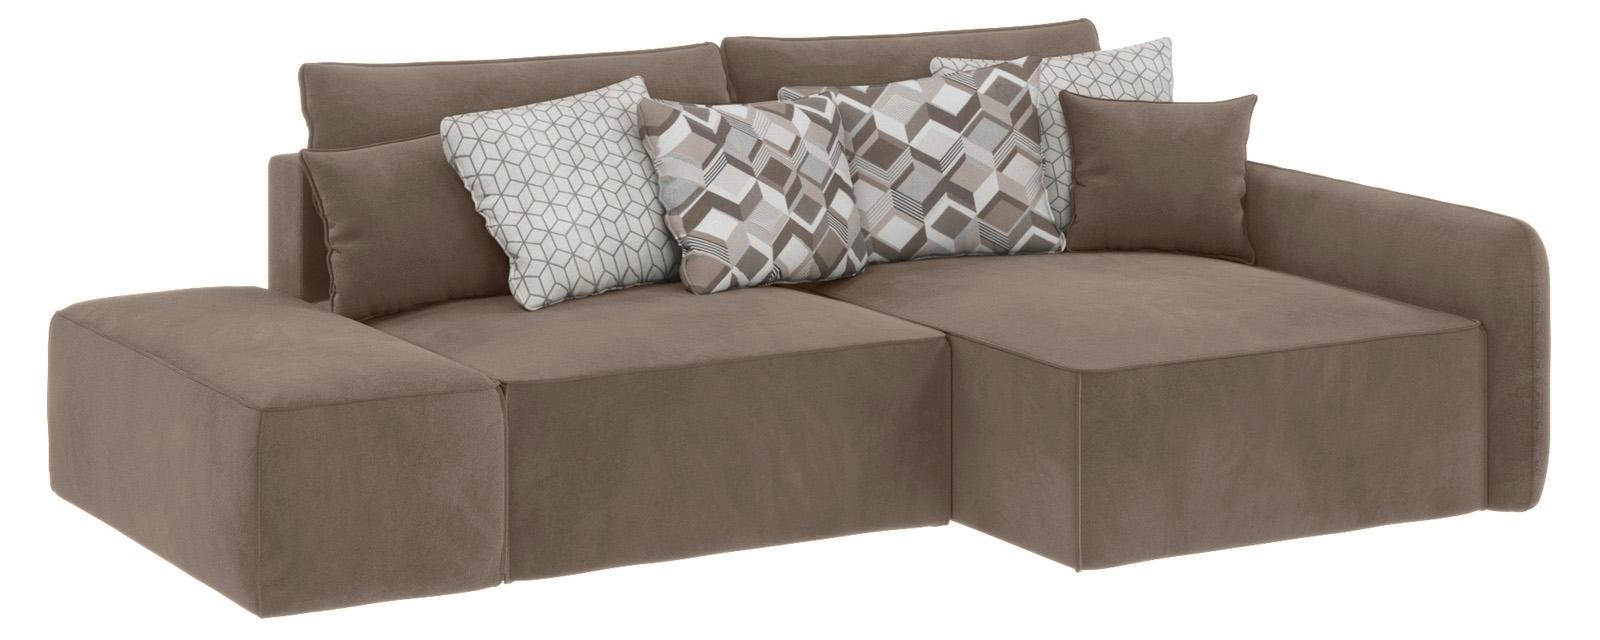 Модульный диван Портленд вариант №3 Soft темно-бежевый (Вел-флок, правый)